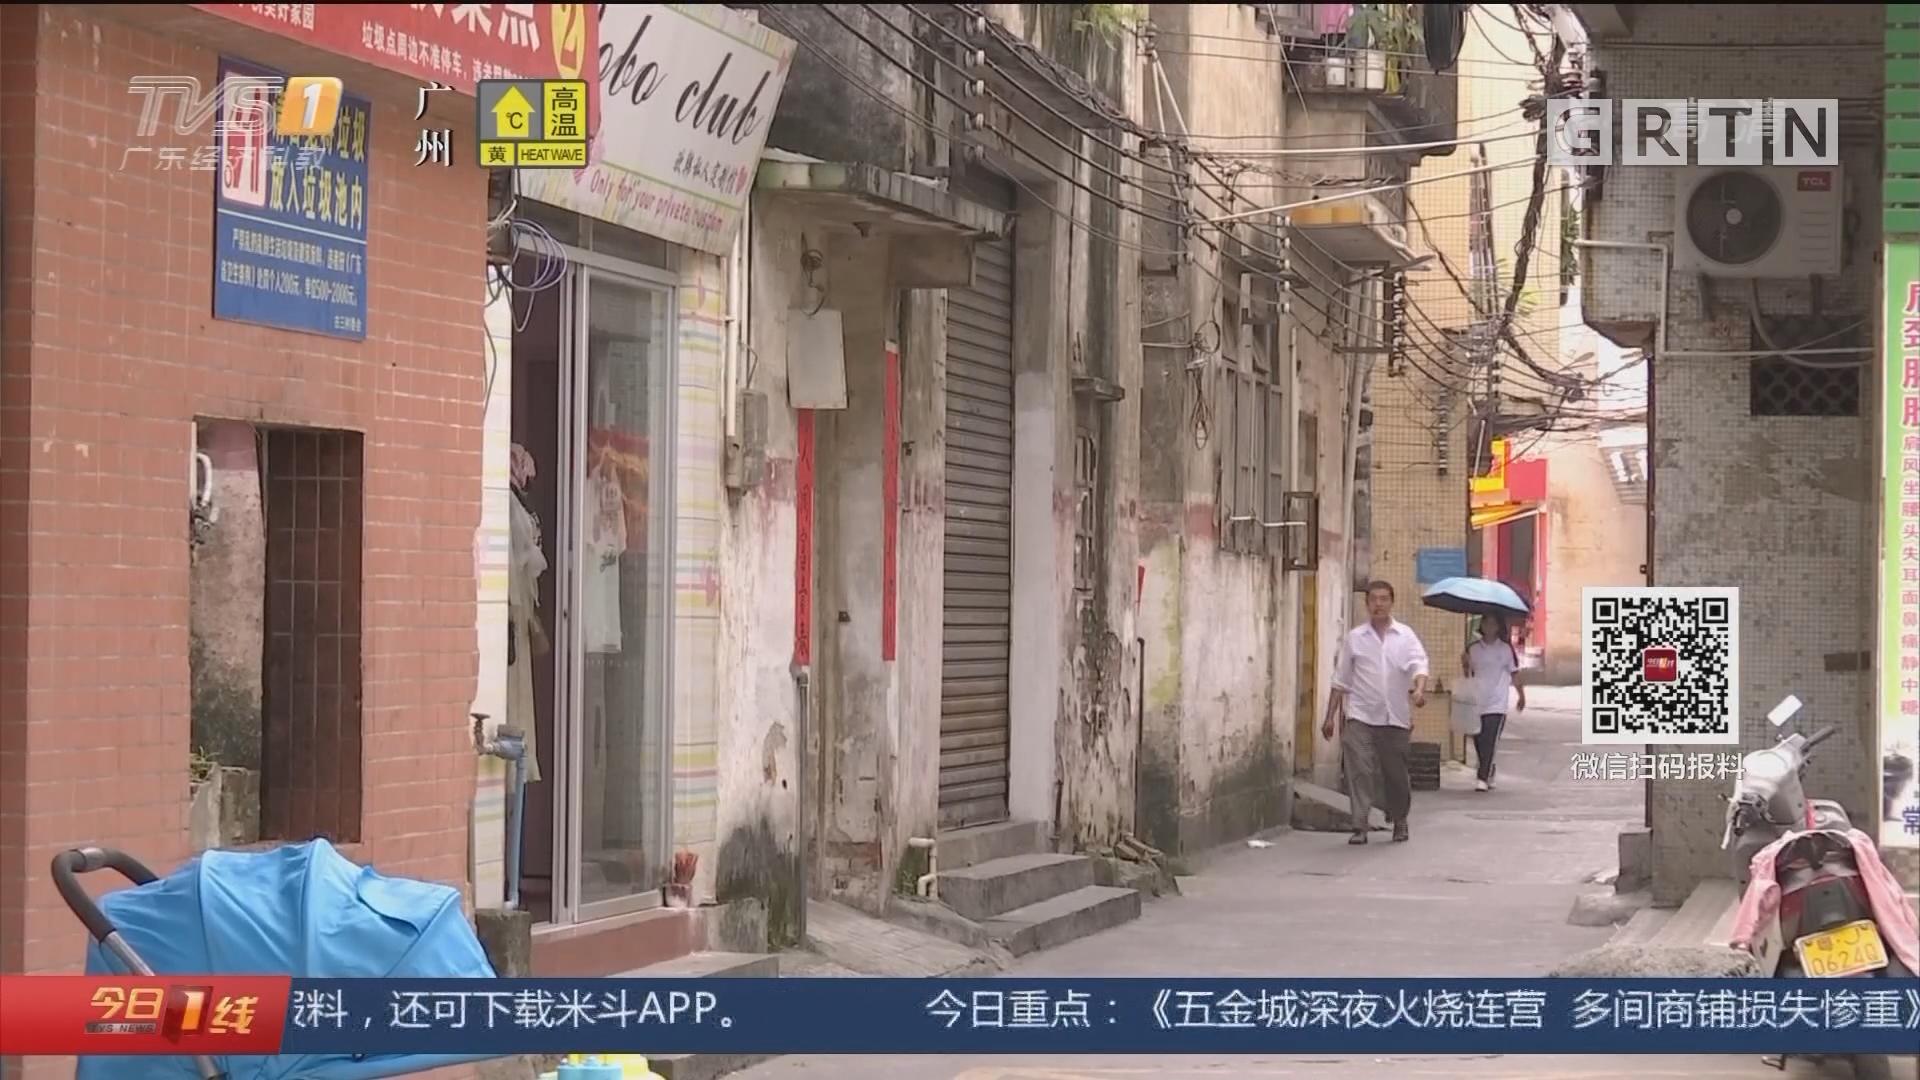 中山古镇:八旬老人奋力反抗 入室贼落荒而逃